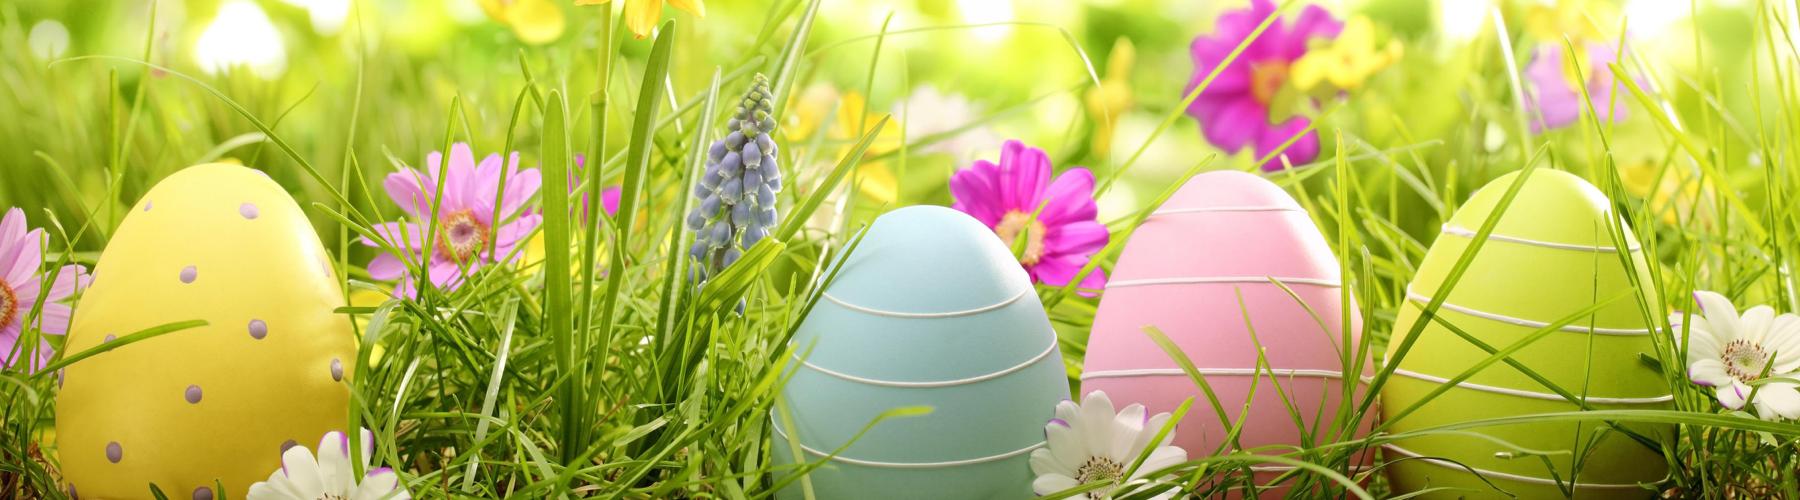 8 Originales Anuncios de Pascua